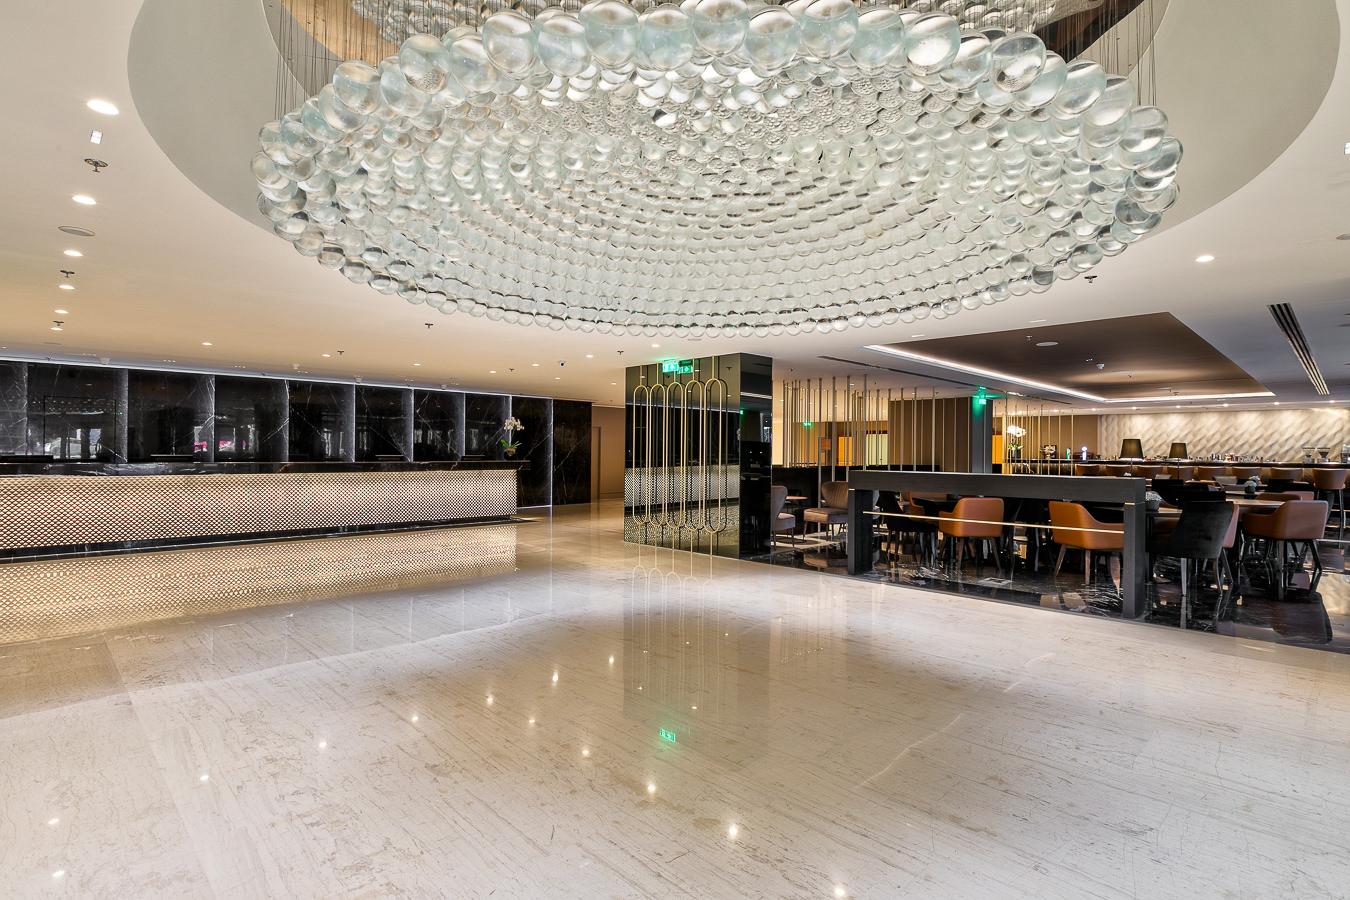 SOFITEL, Γιώργος Φάκαρος - Αρχιτεκτονική Φωτογραφία | Εσωτερικοί Χώροι | Φωτογραφία Ξενοδοχειών - Photography / Φωτογραφία